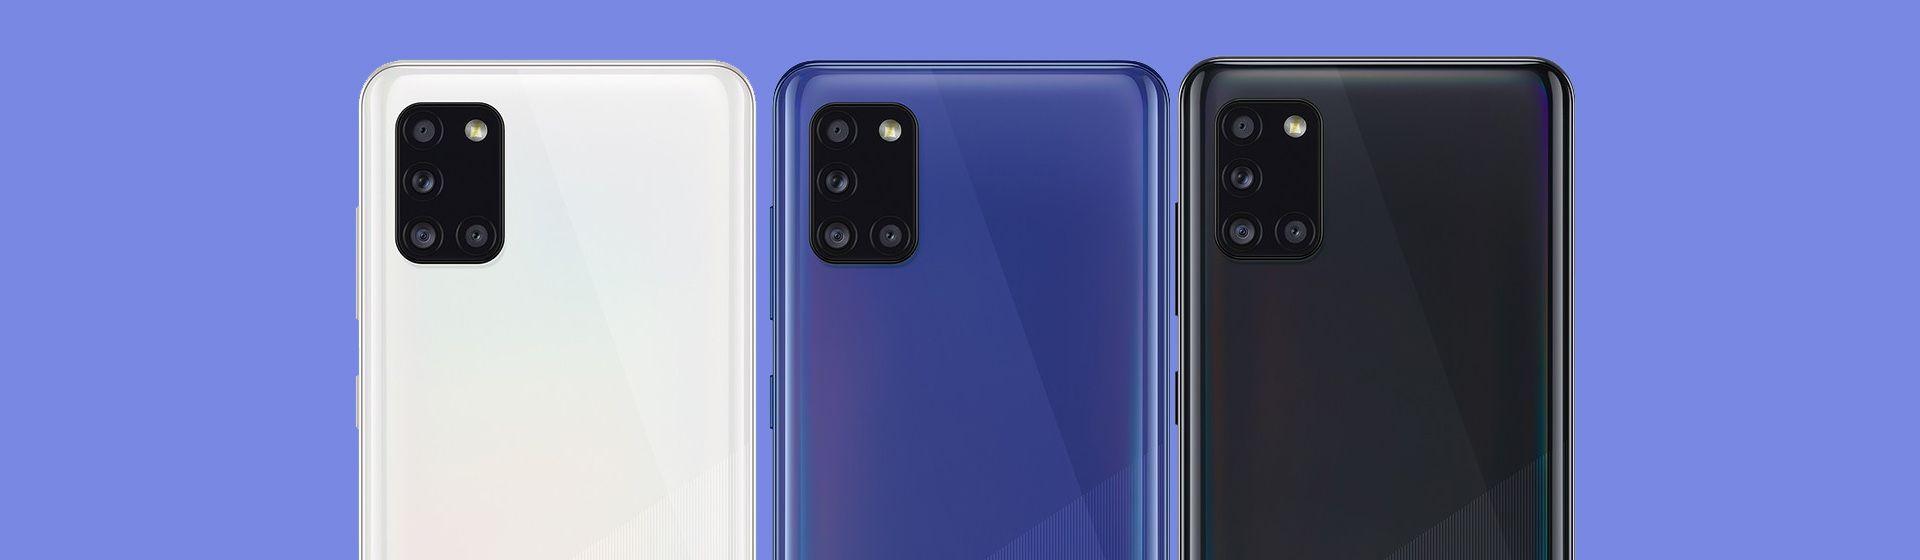 Lançamento Samsung Galaxy A31: celular chega ao Brasil por R$ 1.999